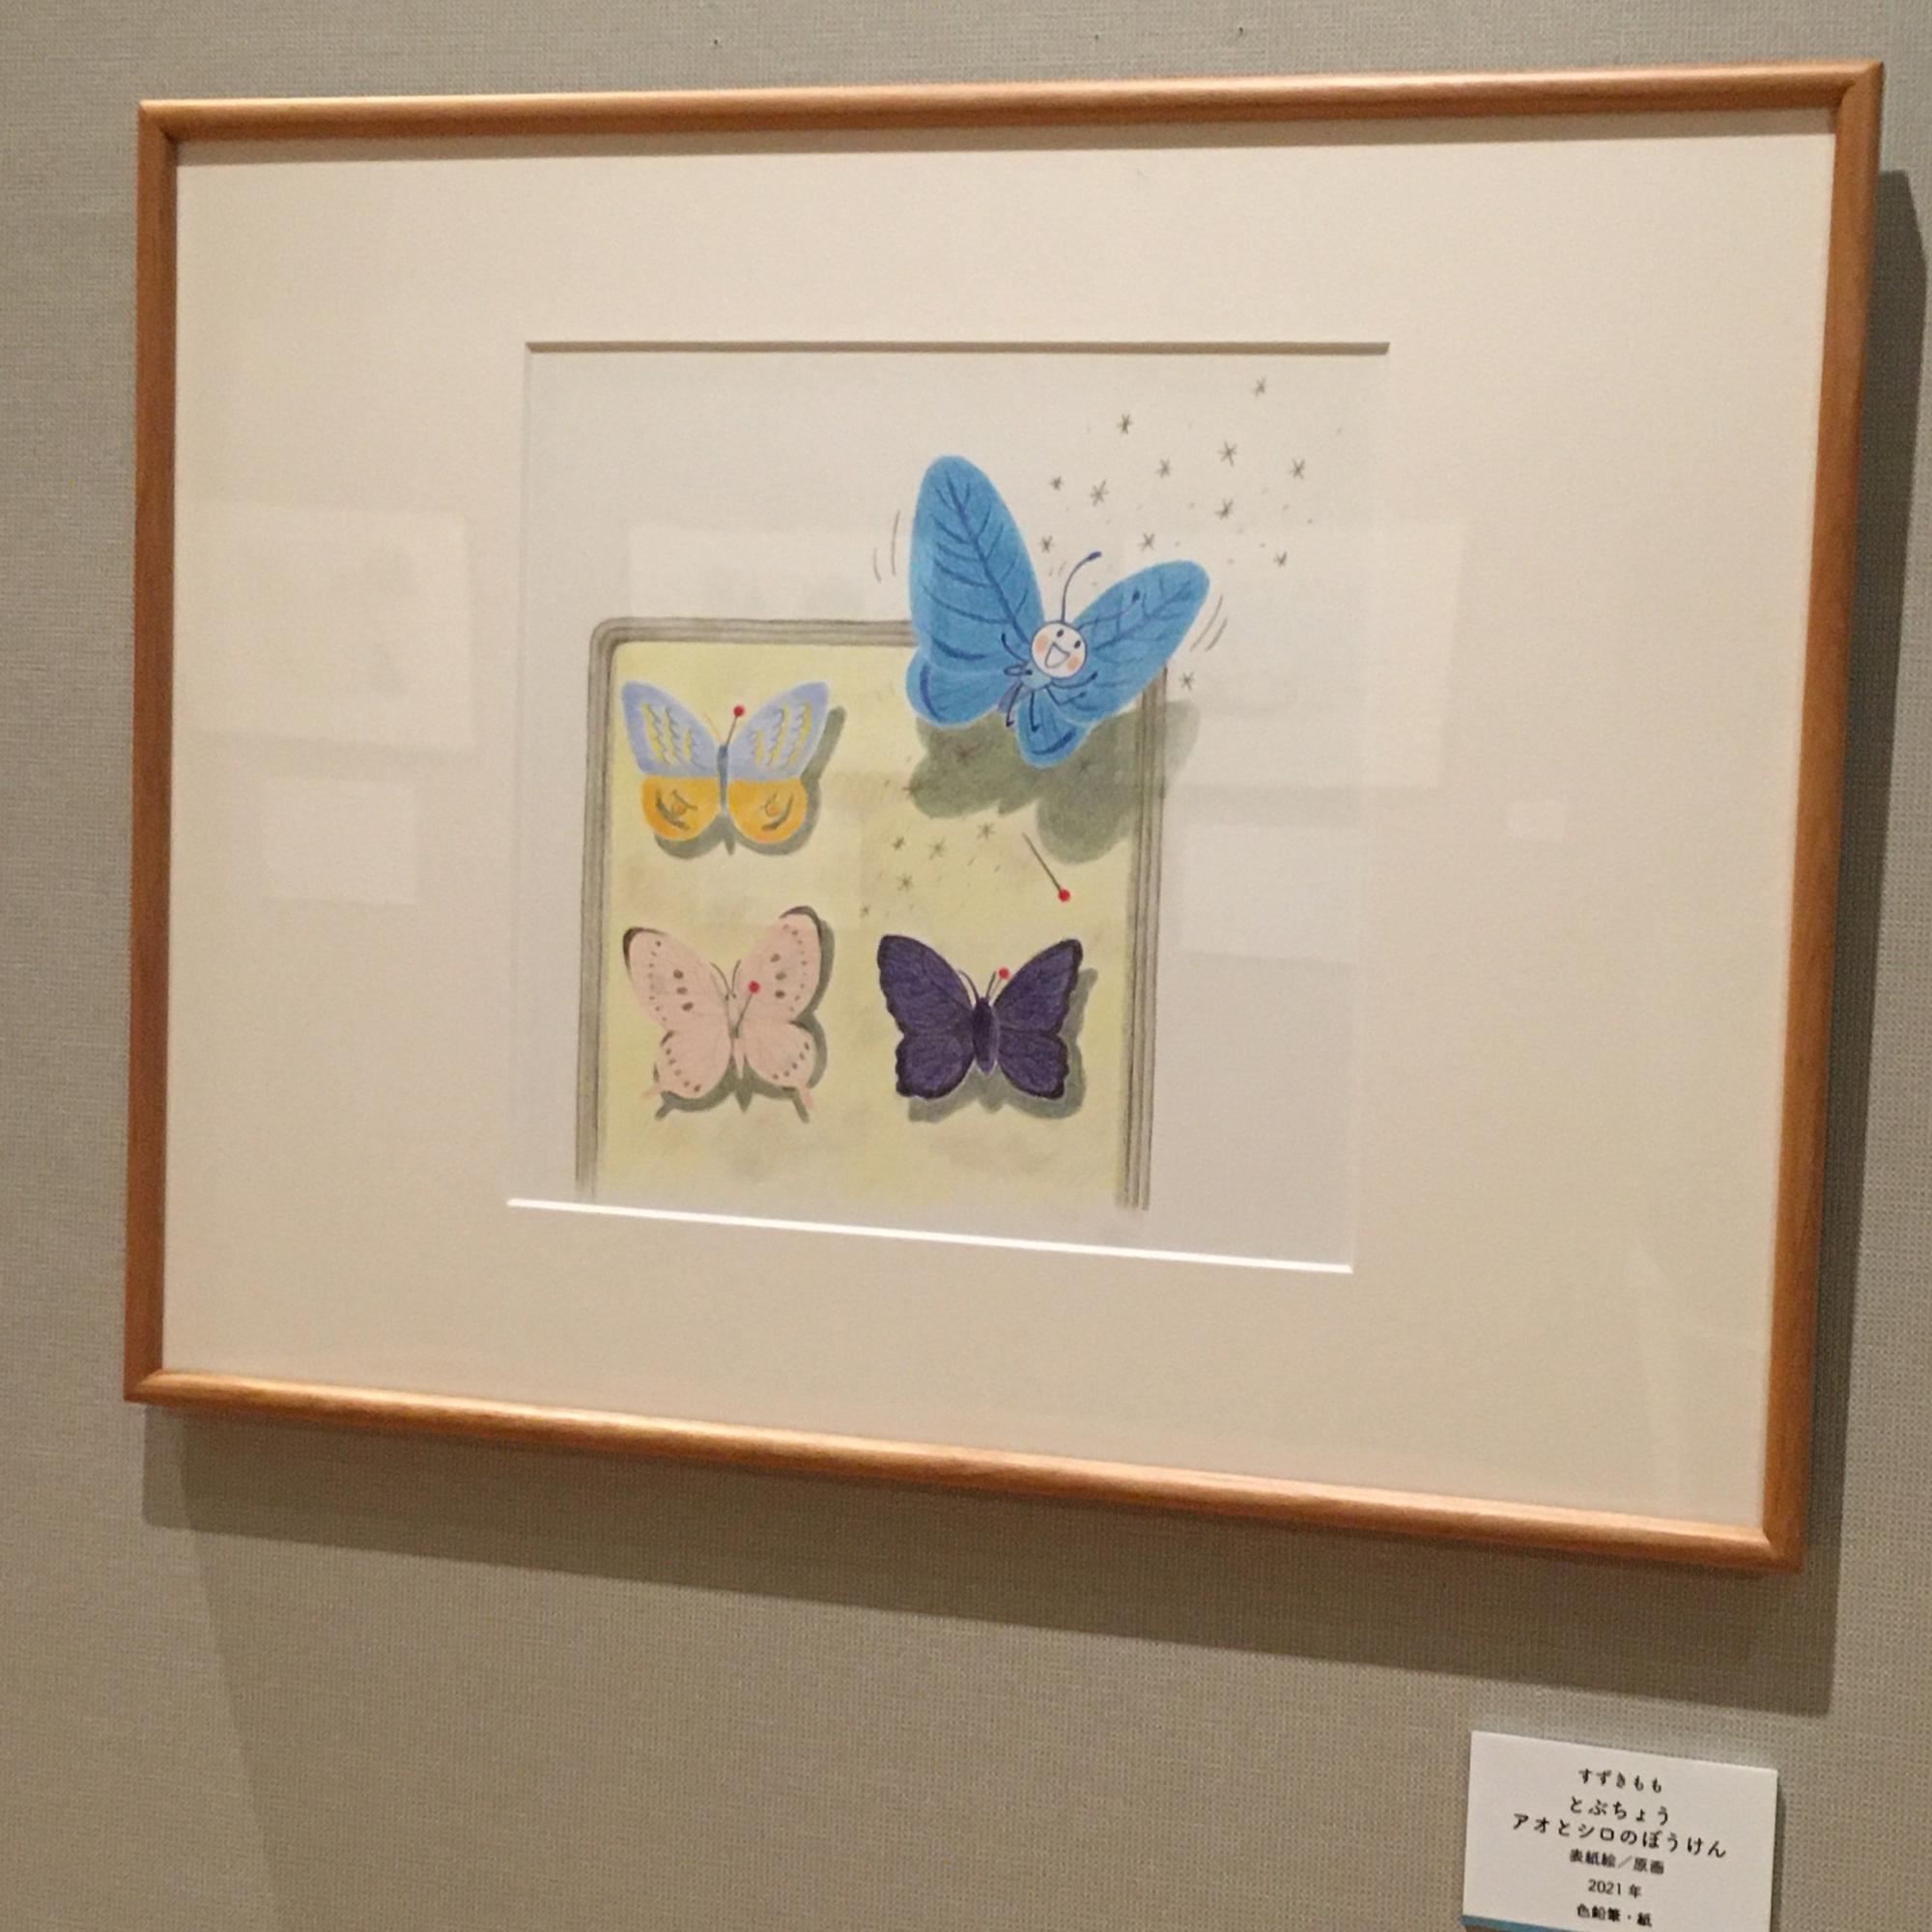 こちらは三岸の『飛ぶ蝶』をオマージュし、モモさんらしい表現で描いた作品